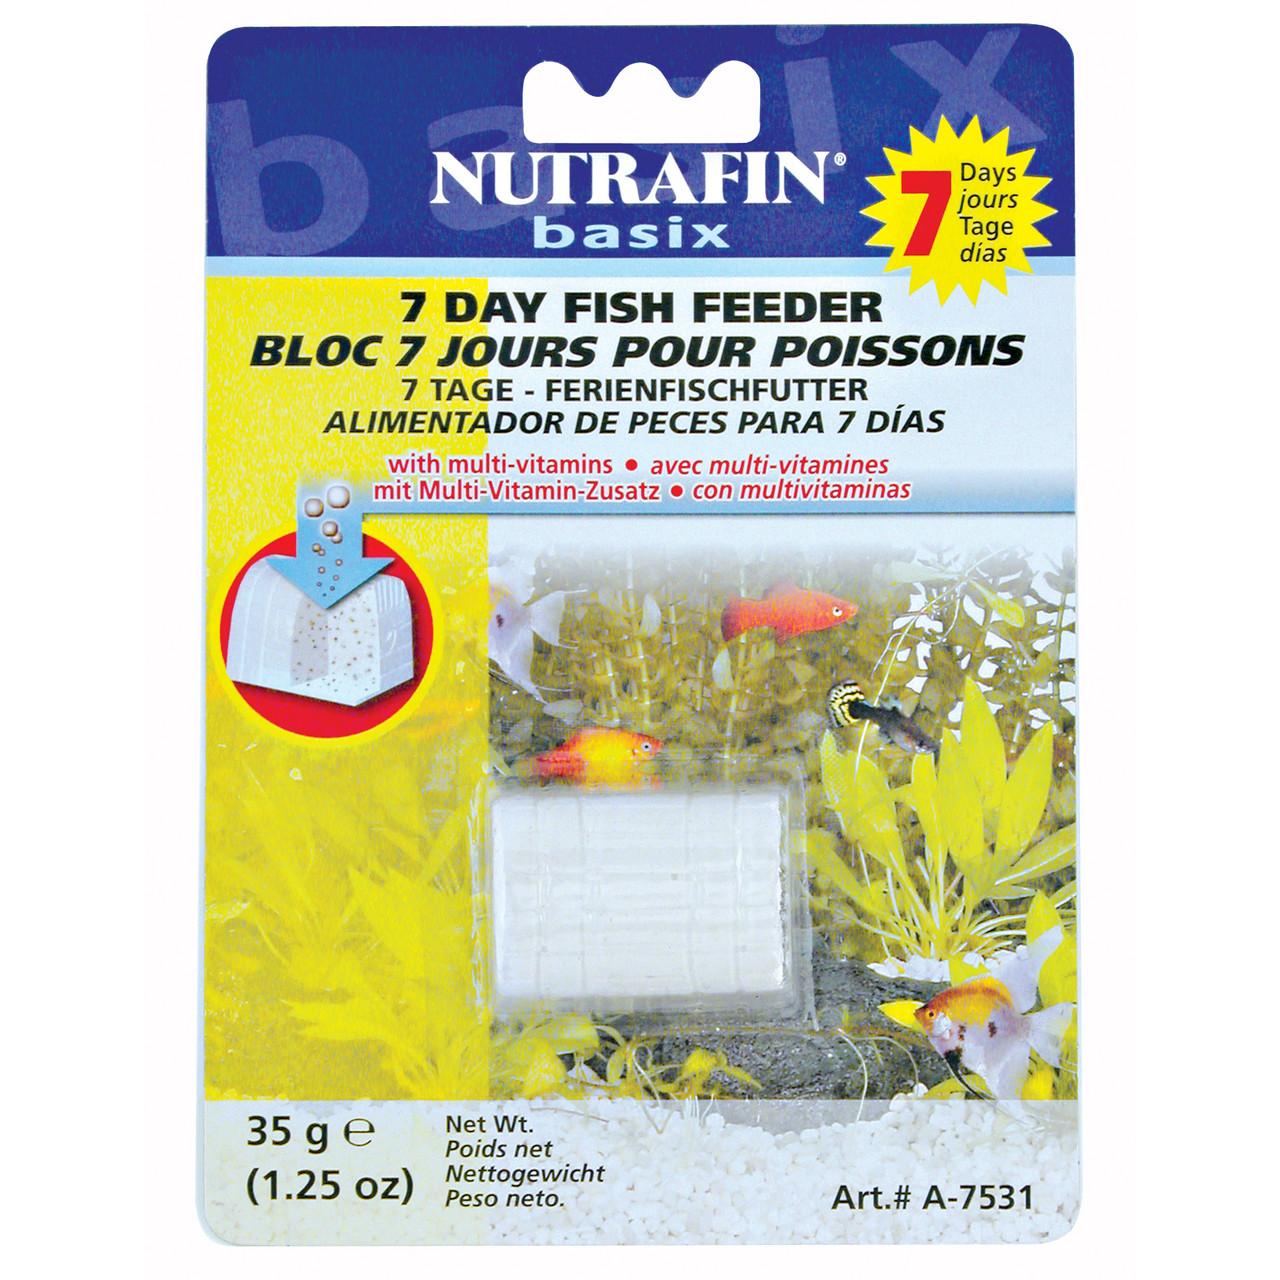 Nutrafin Basix 7 Day Fish Feeder